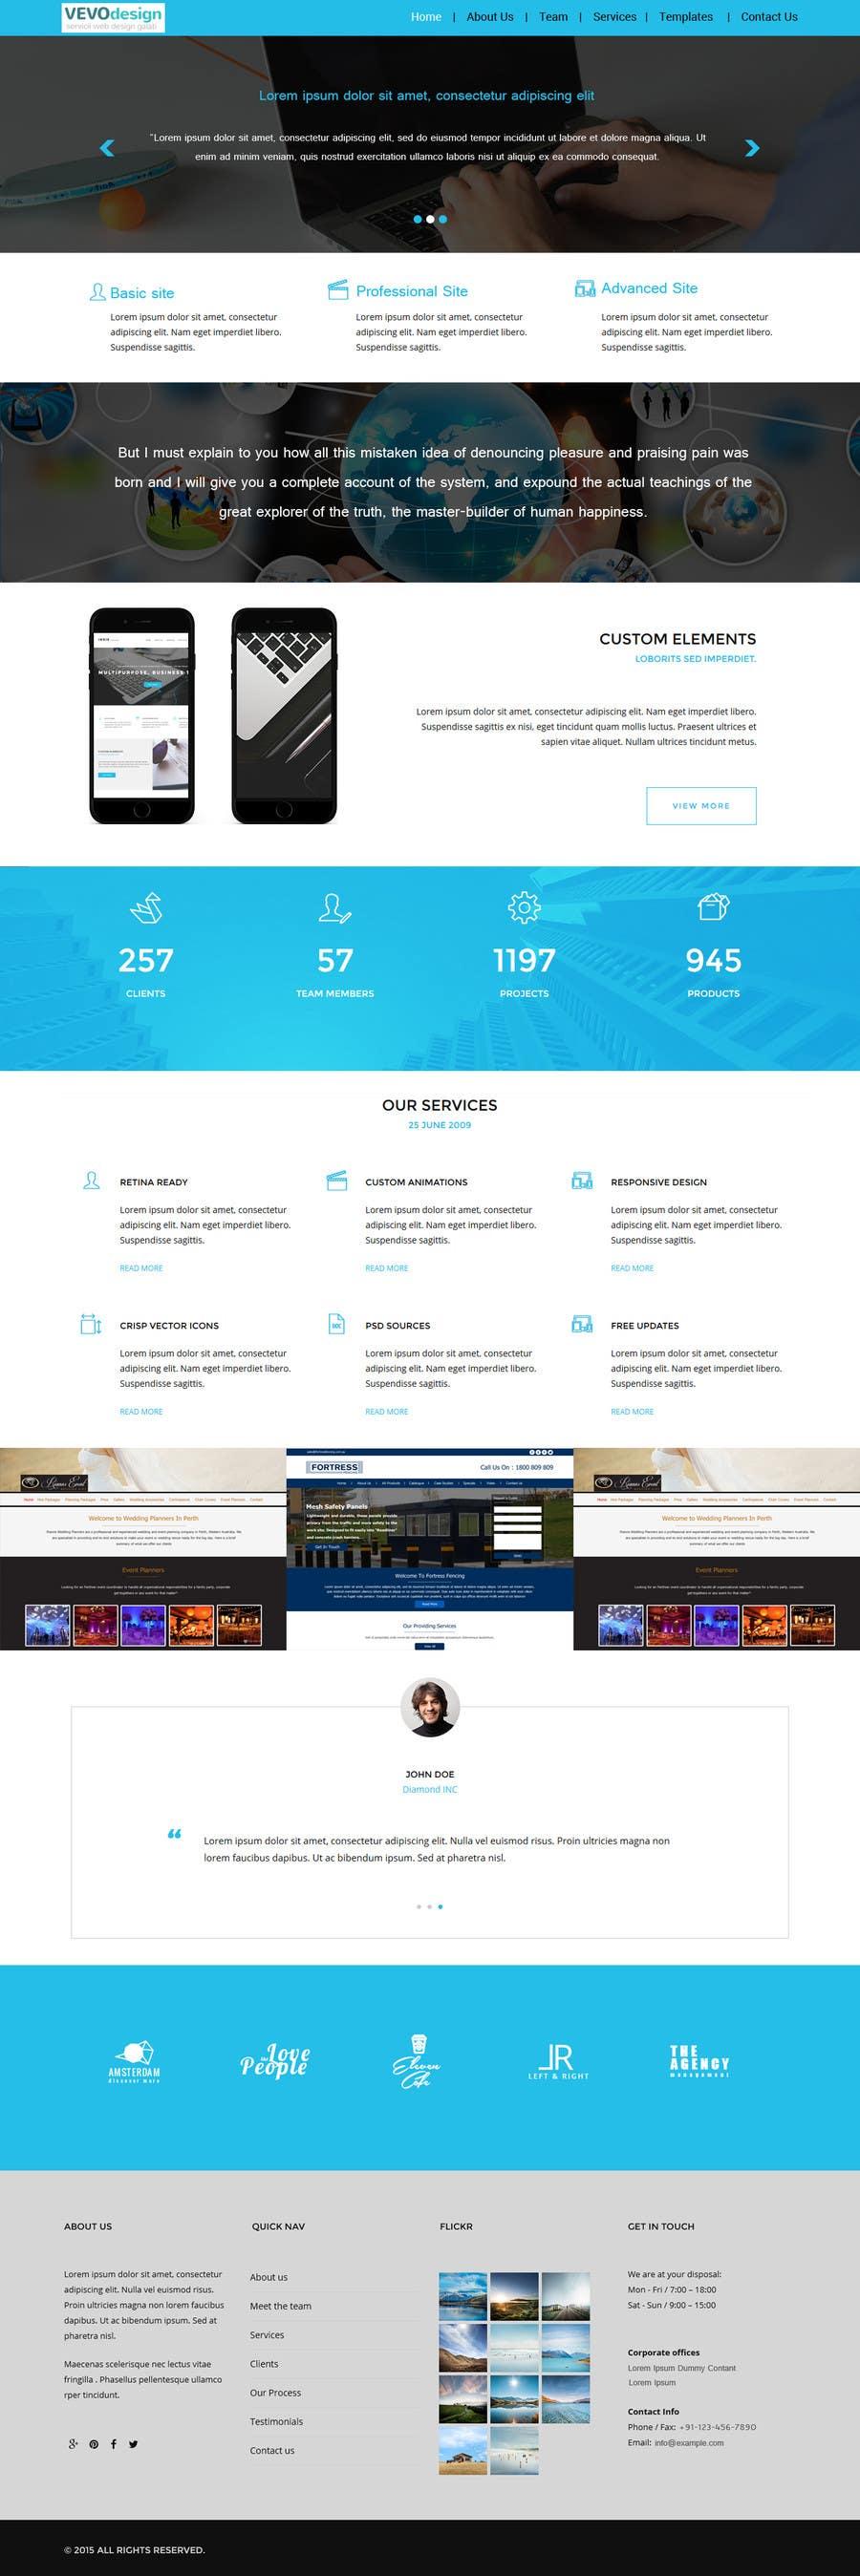 Bài tham dự cuộc thi #3 cho Branding + html for vevodesign.ro